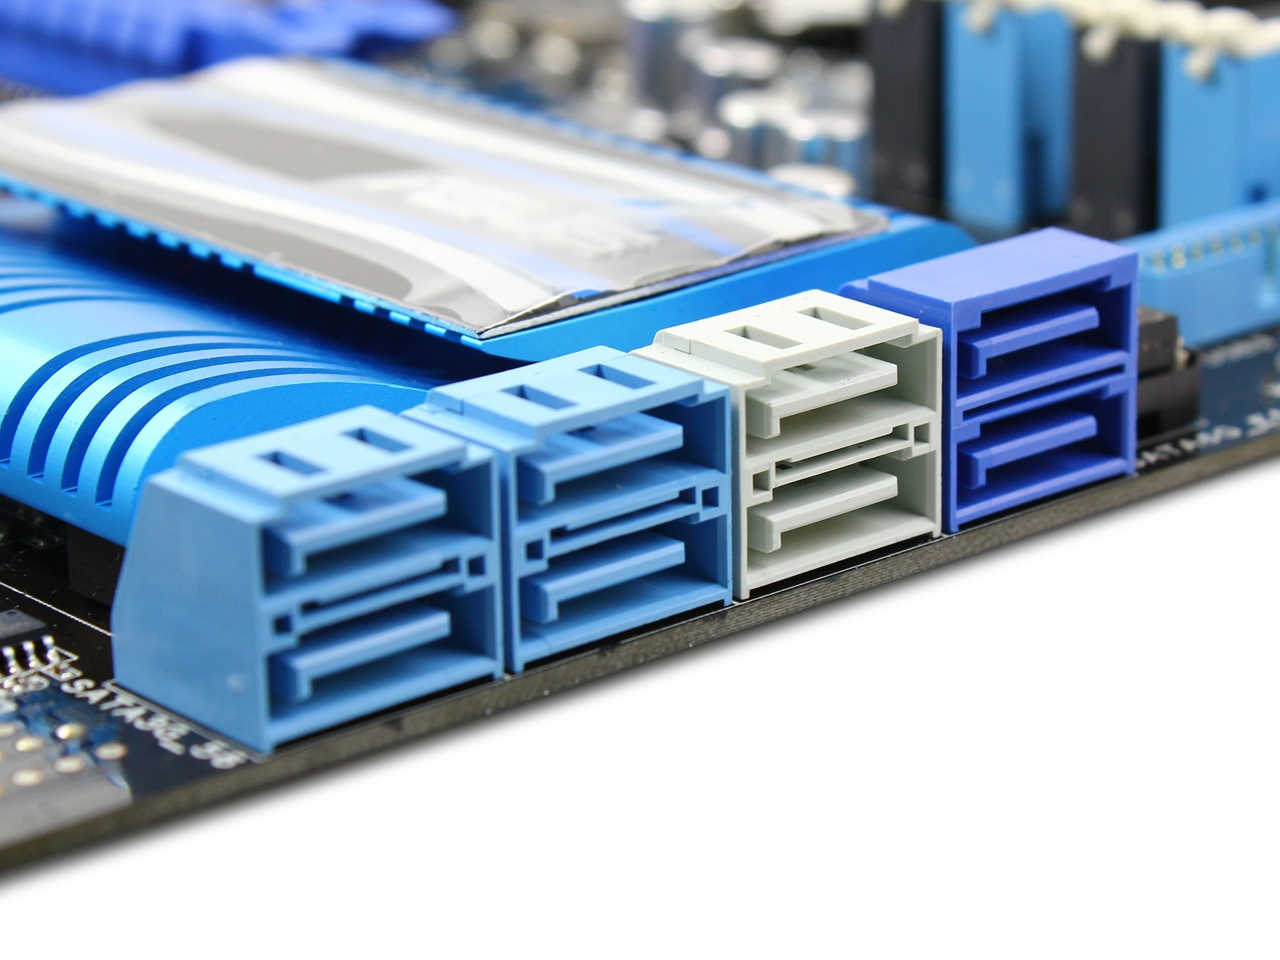 Dla Intel P67 ASUS P8P67 płyta główna LGA 1155 DDR3 32GB P8 P67 komputer stacjonarny płyta główna komputera ATX płyta systemowa USB3.0 SATA II używane